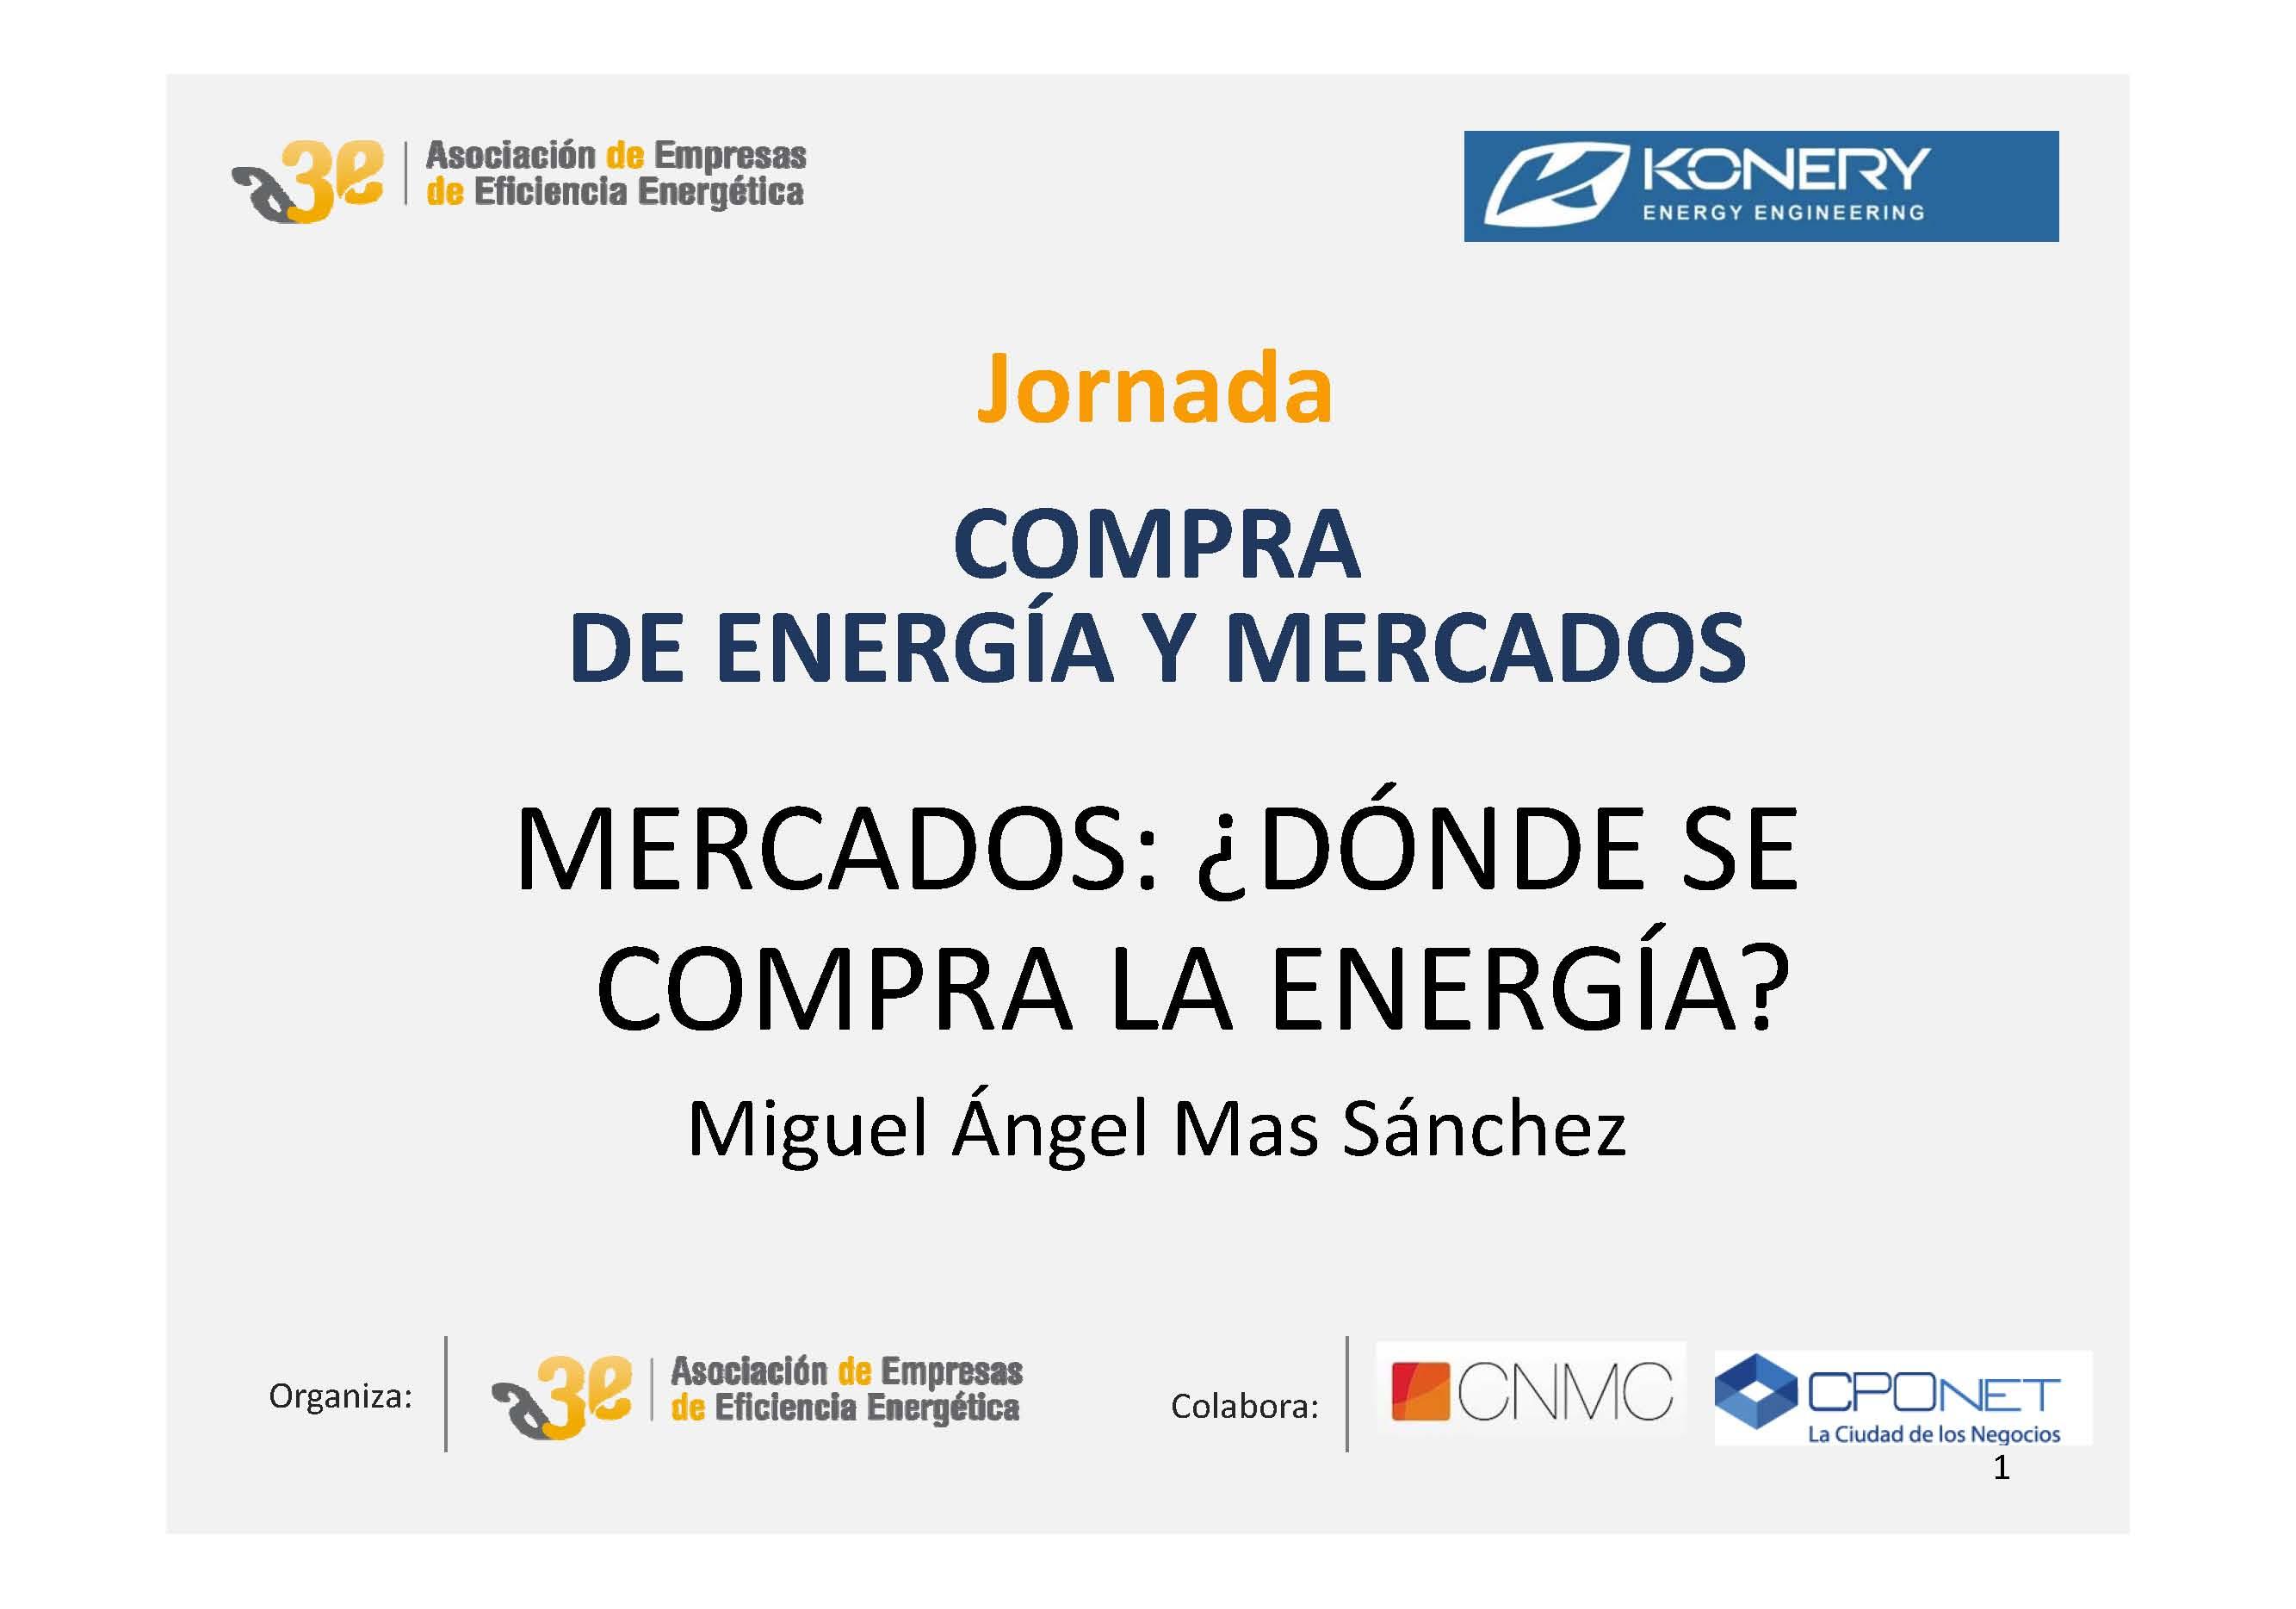 Mercados: ¿Dónde se compra la energía?